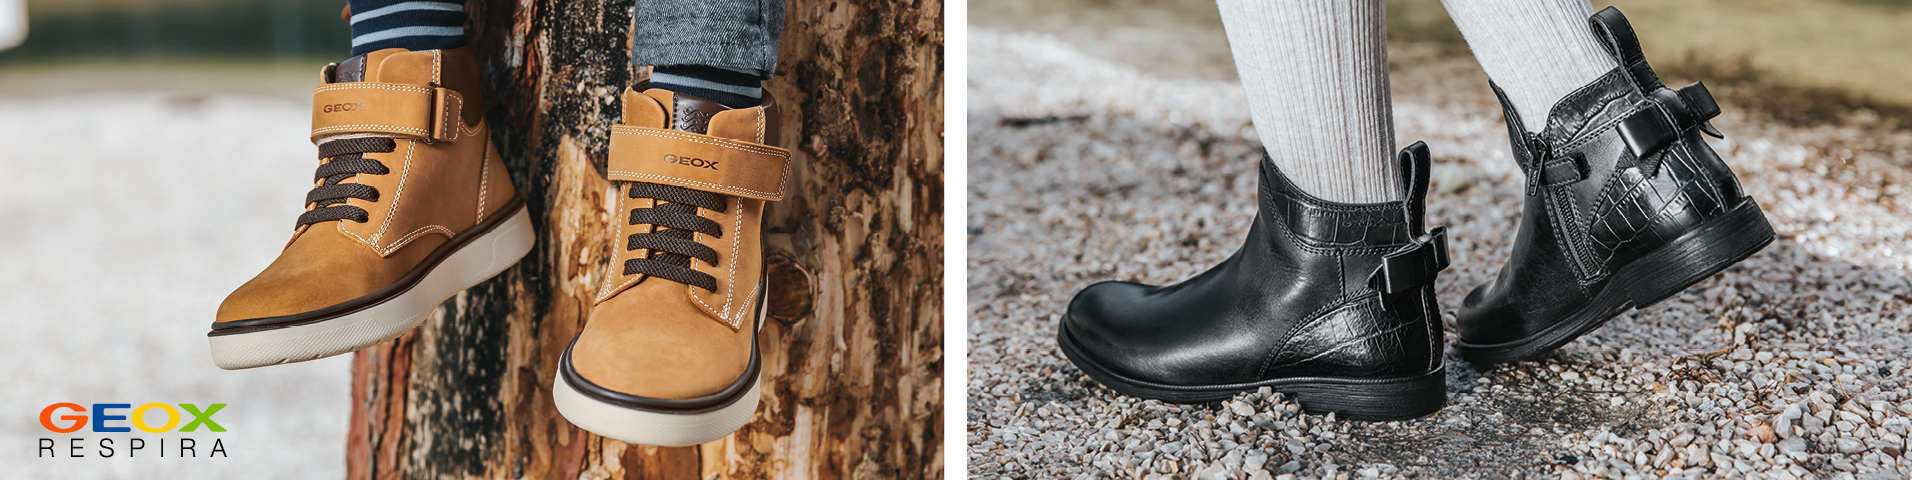 Chaussures enfant Geox en ligne sur la boutique Zalando ed12c5592124